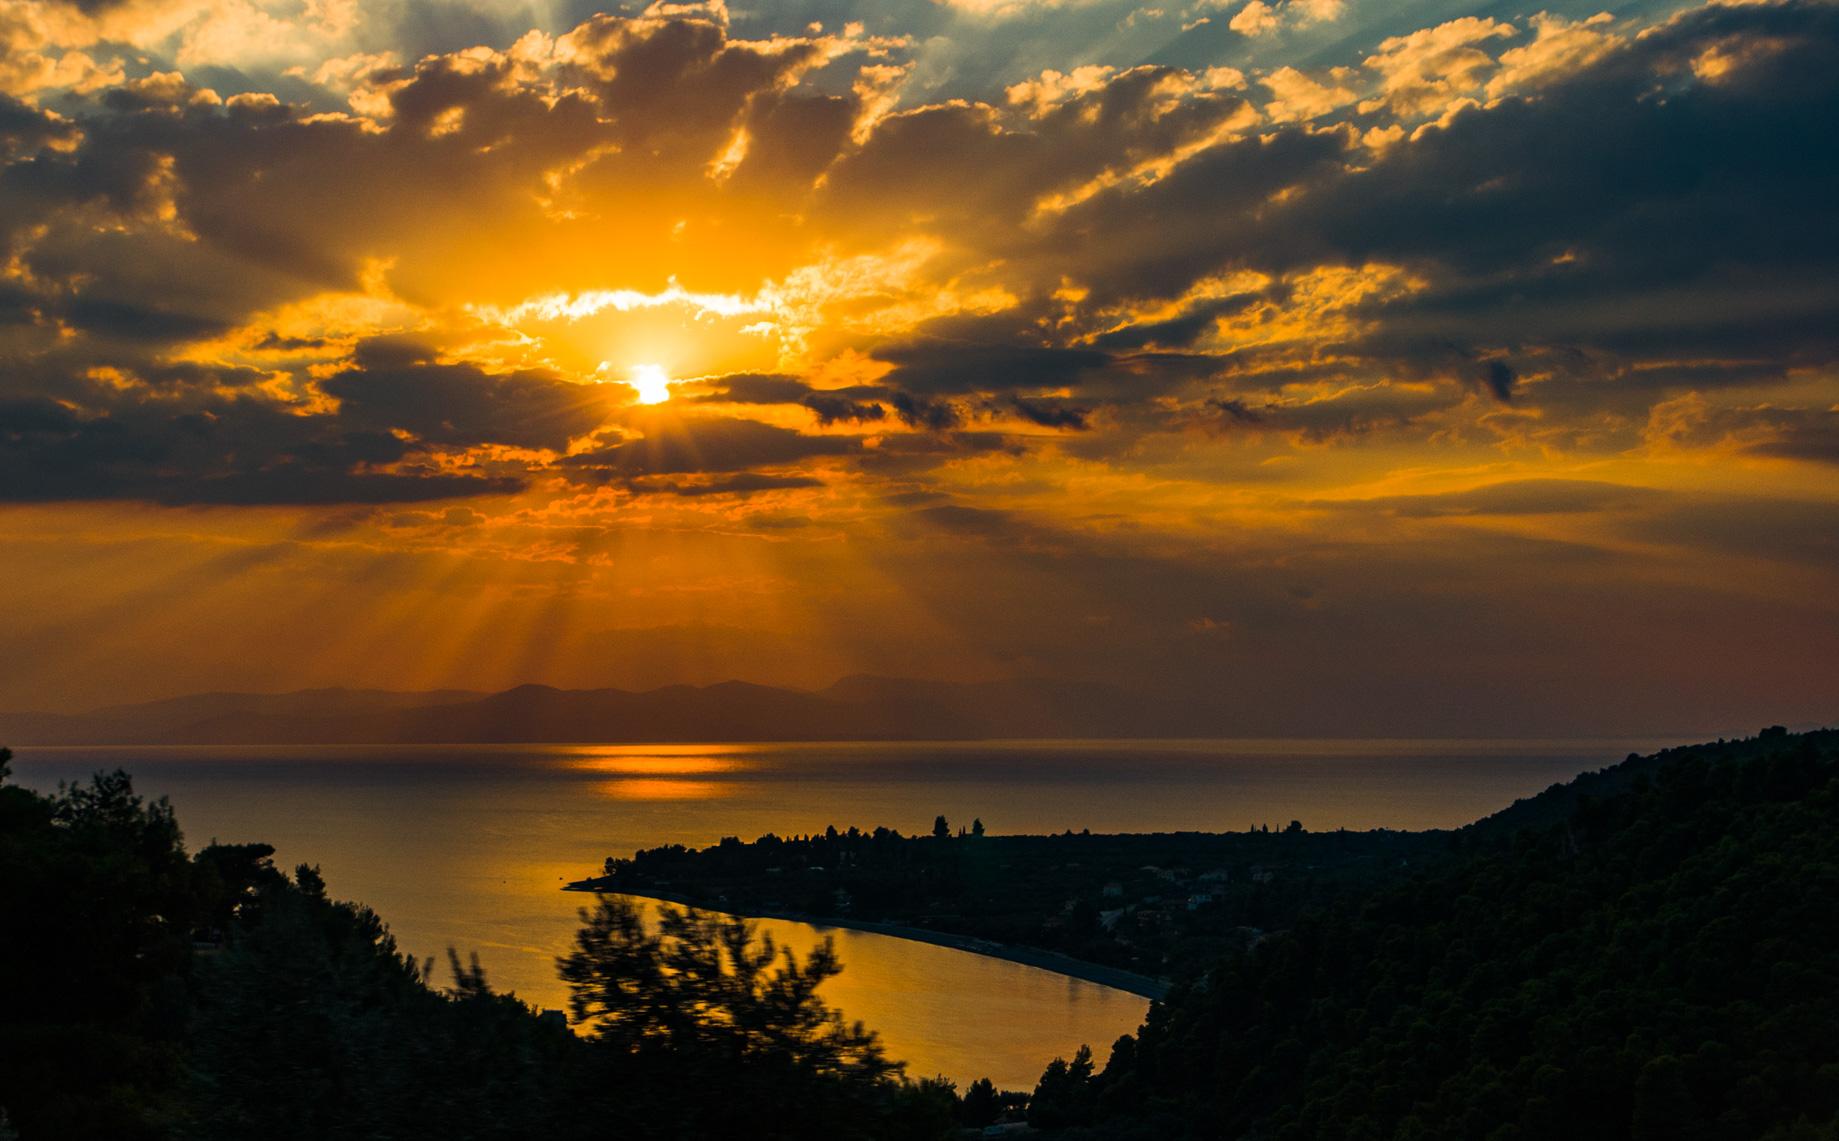 Citaten Over Zonsondergang : Zonsondergang gilbert s gallery